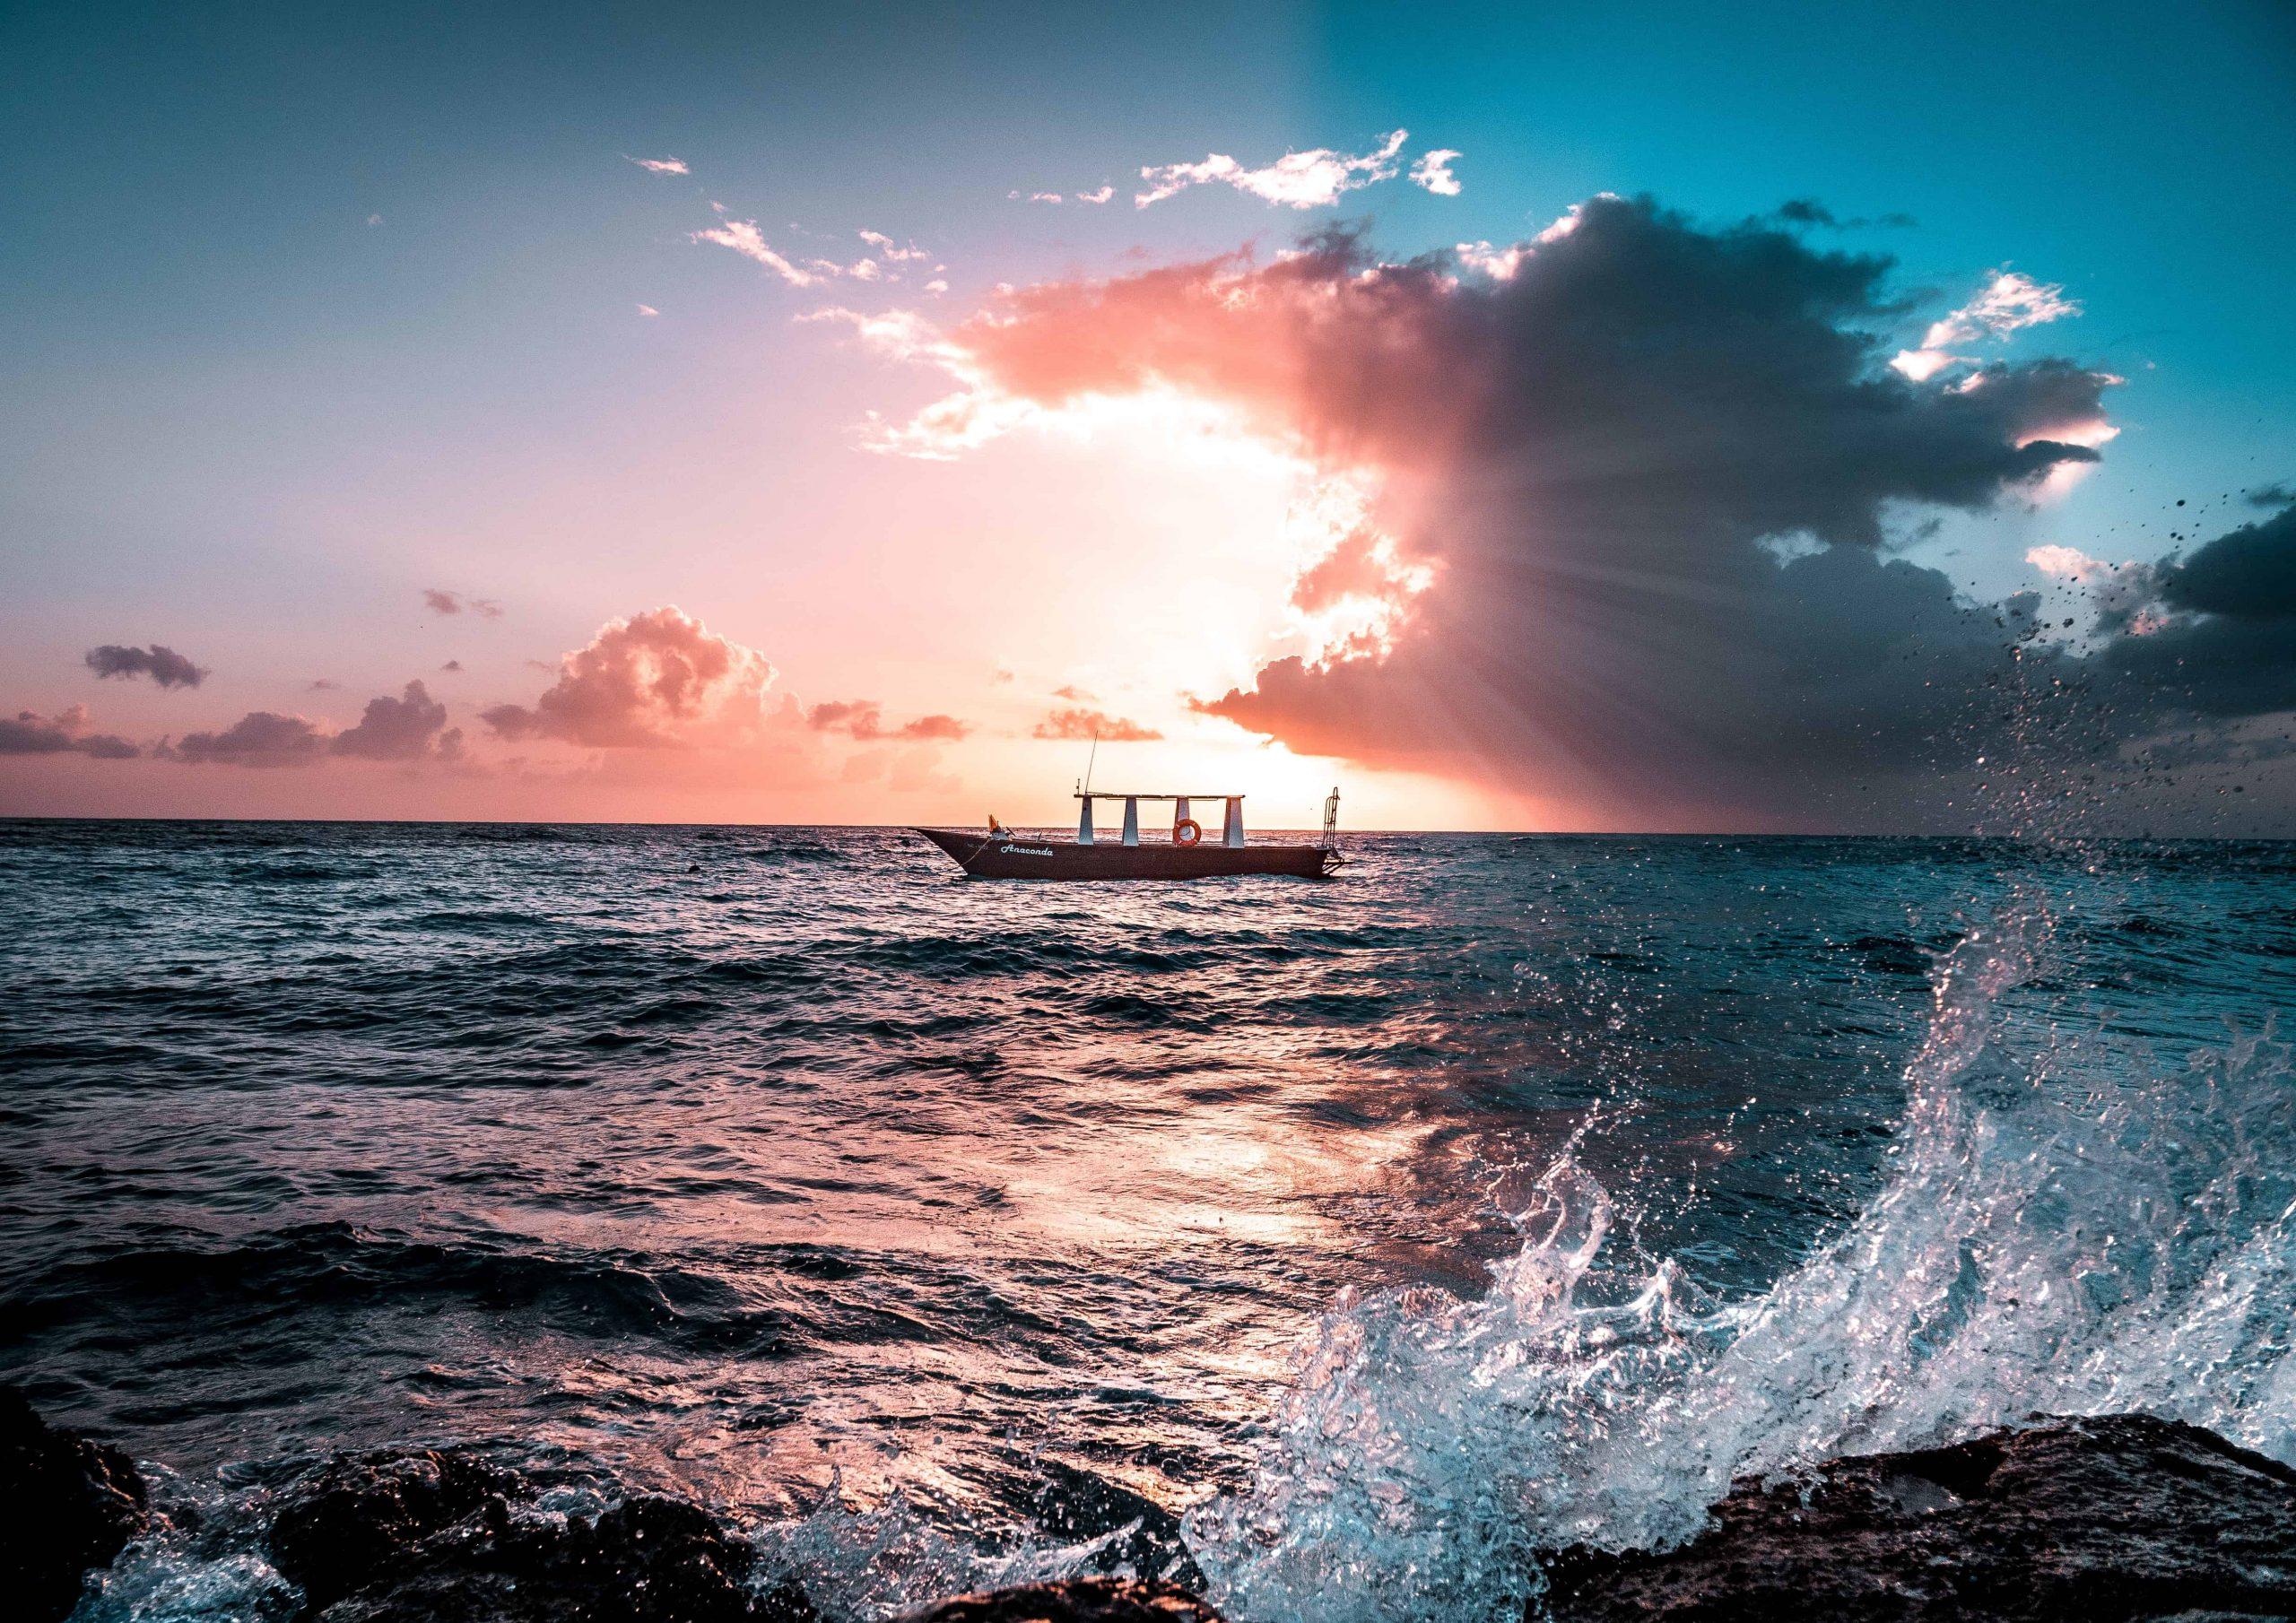 Rundreise ABC Inseln: Empfehlungen & Vergleich (08/20)